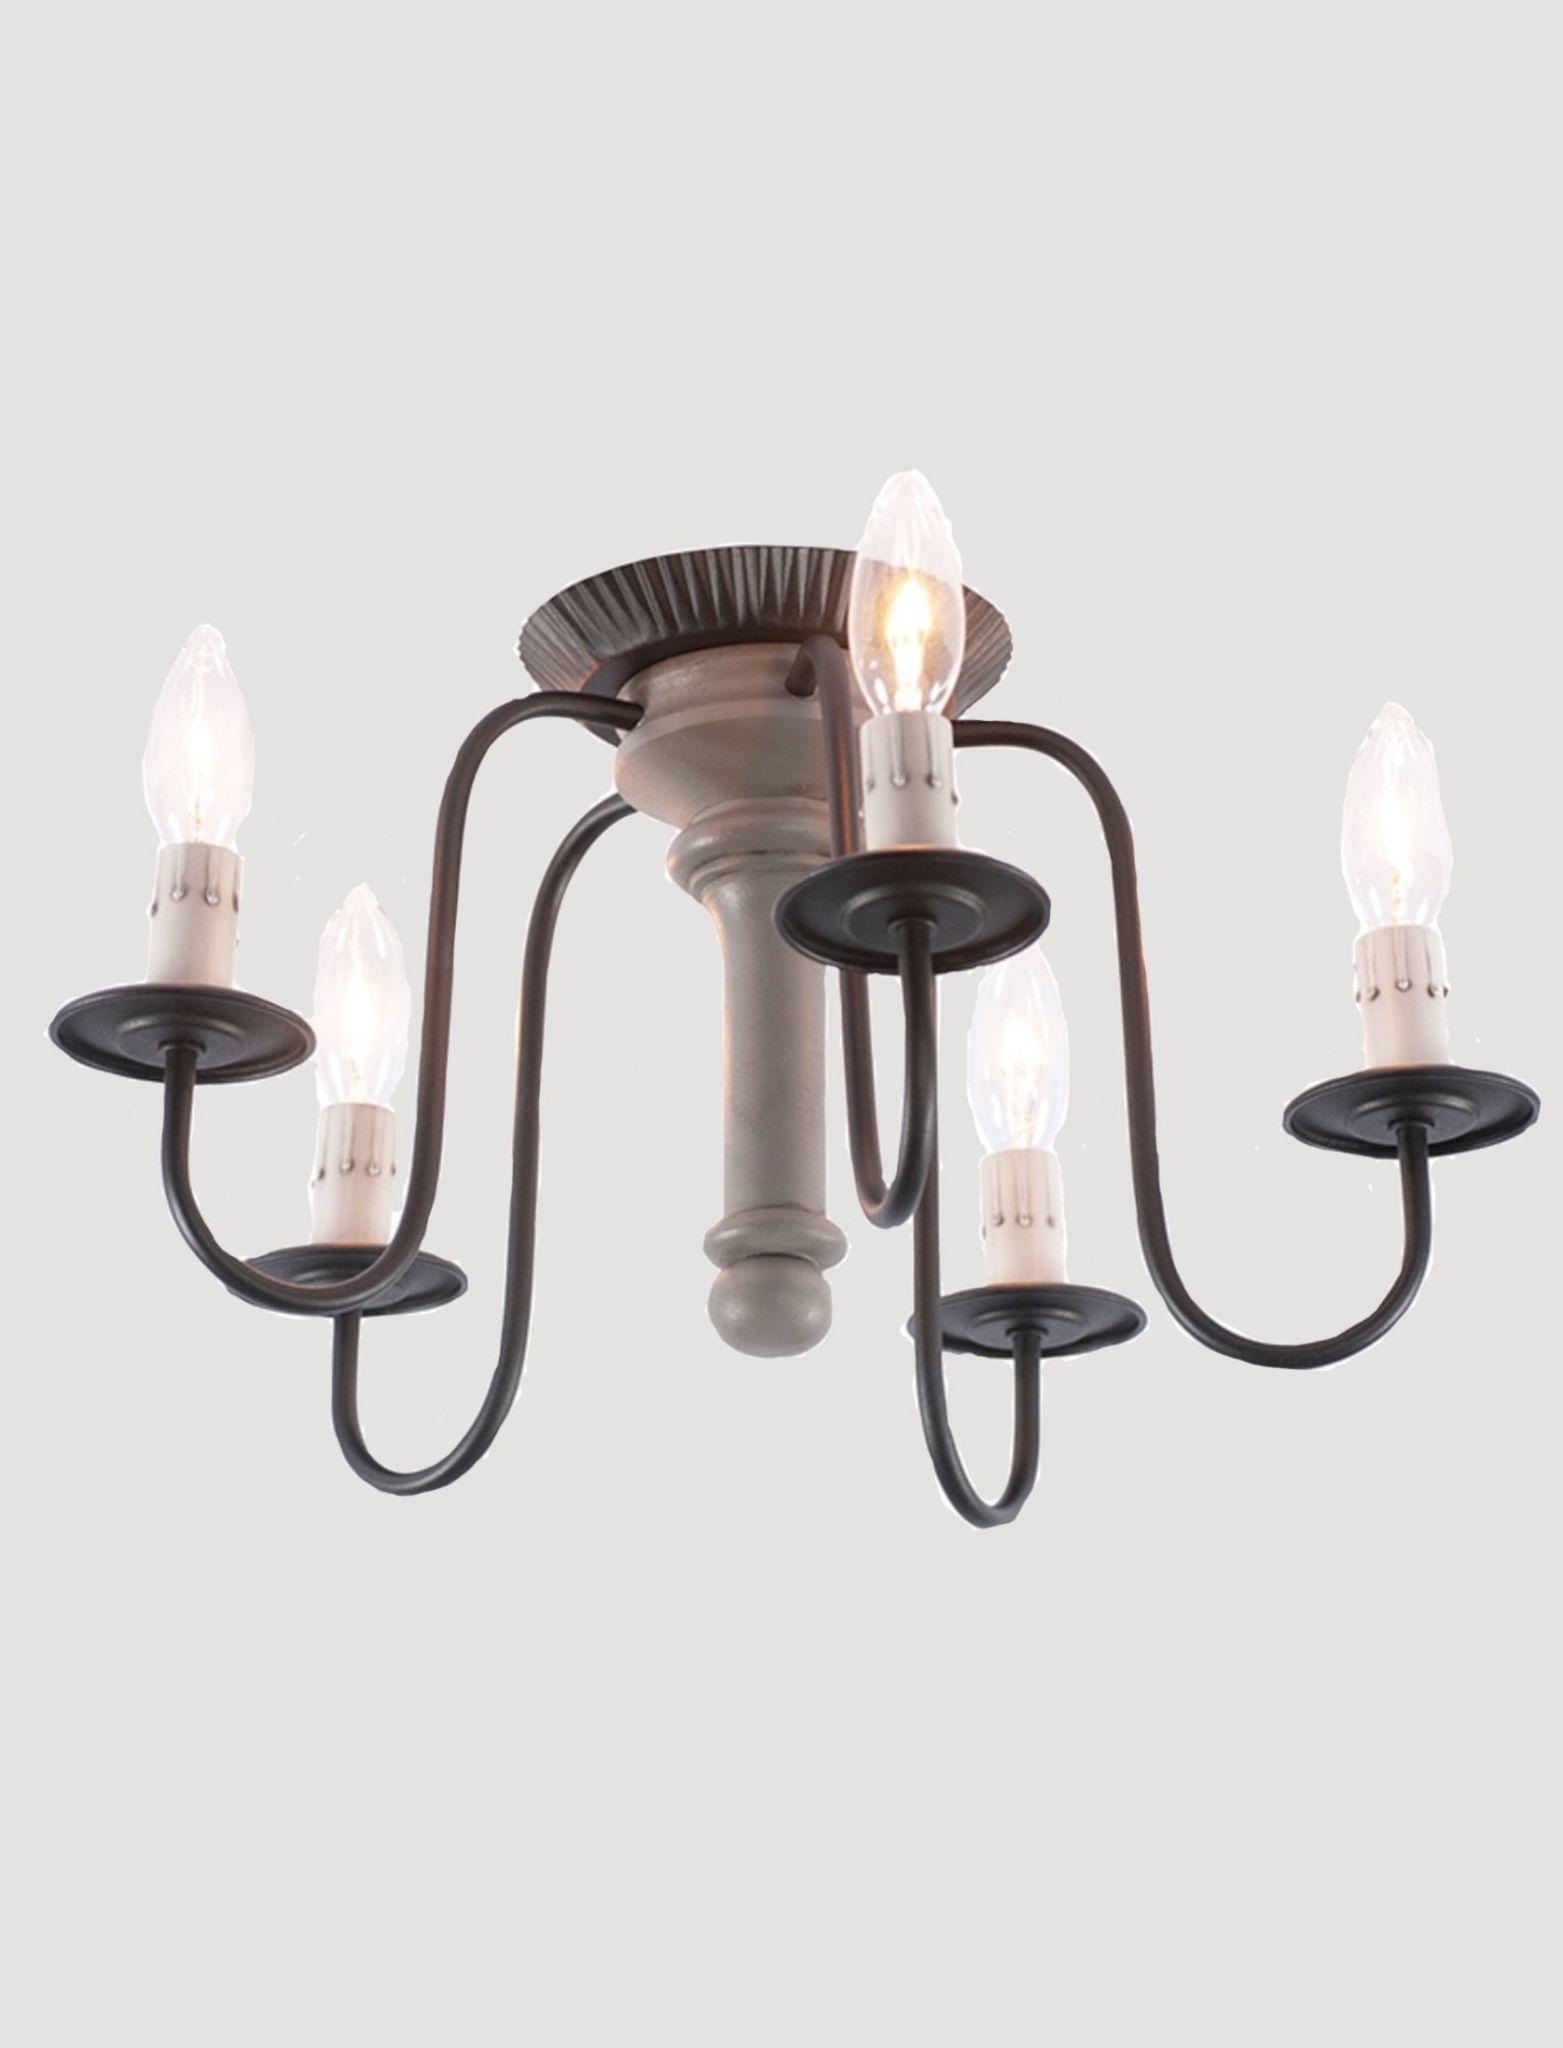 Irvin's Tinware Berkshire 5 Light Semi-Flush Mount Wood Ceiling Light